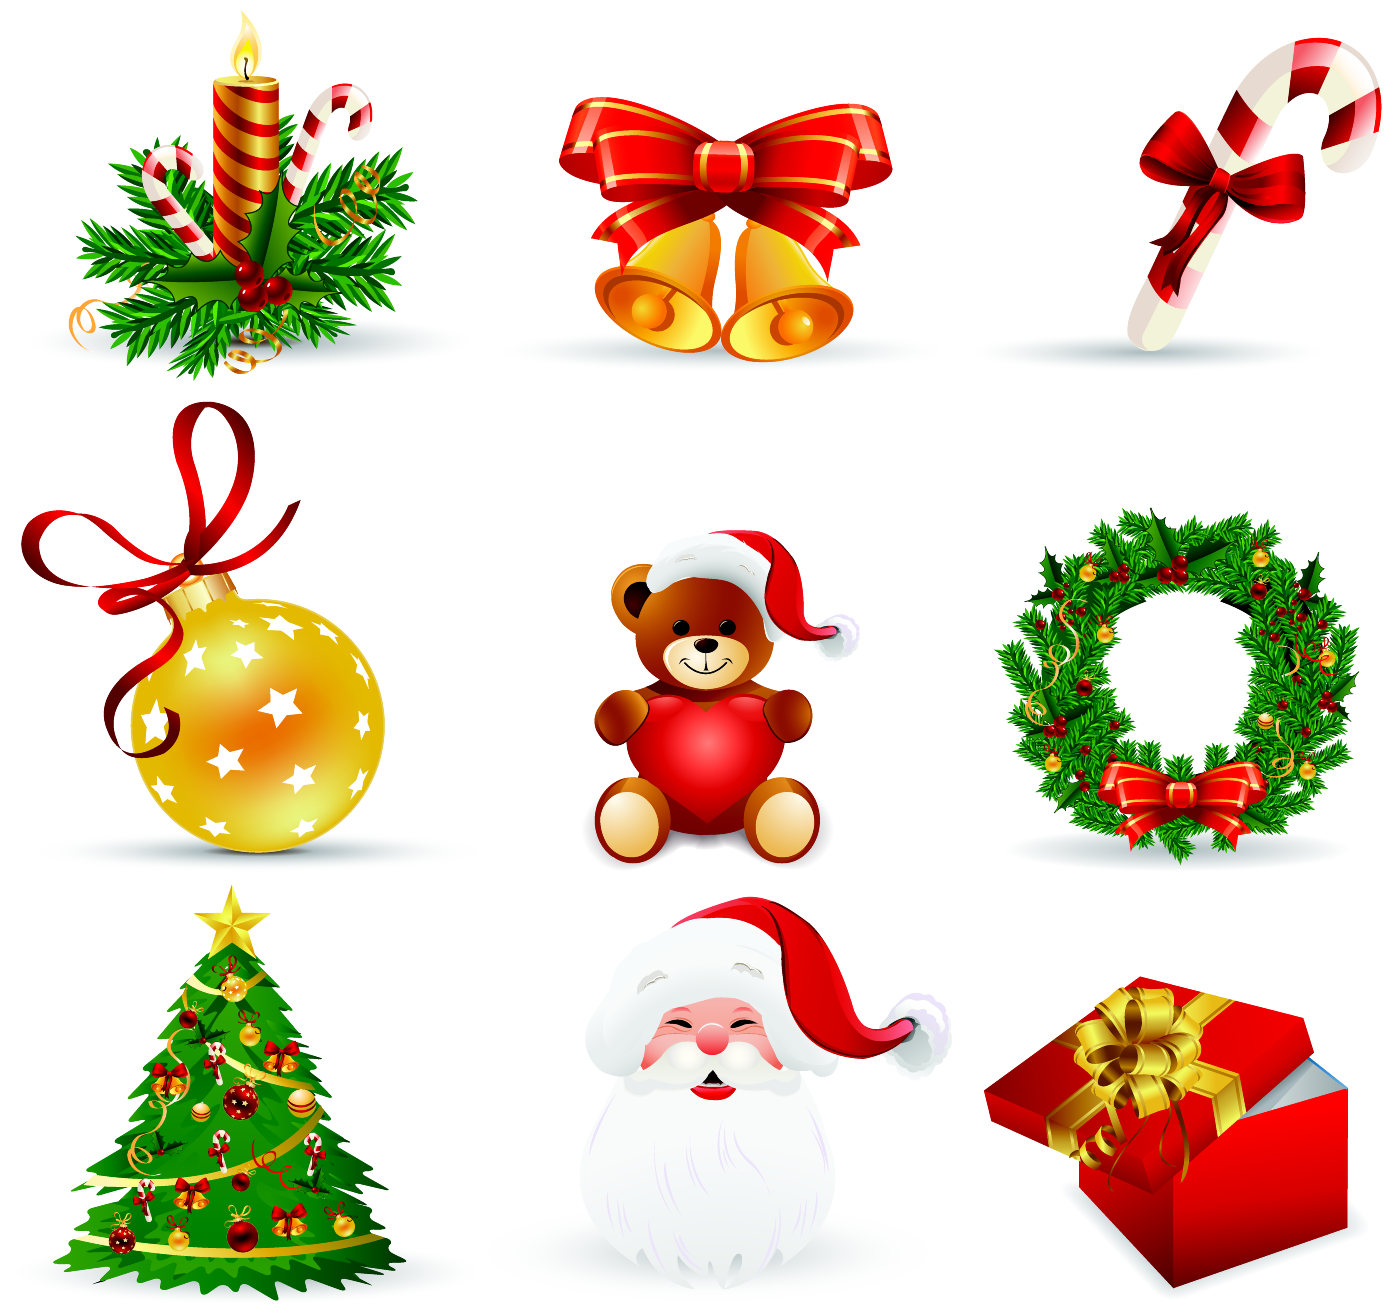 Excmo ayuntamiento de calamonte bases concursos for Articulos de decoracion para navidad